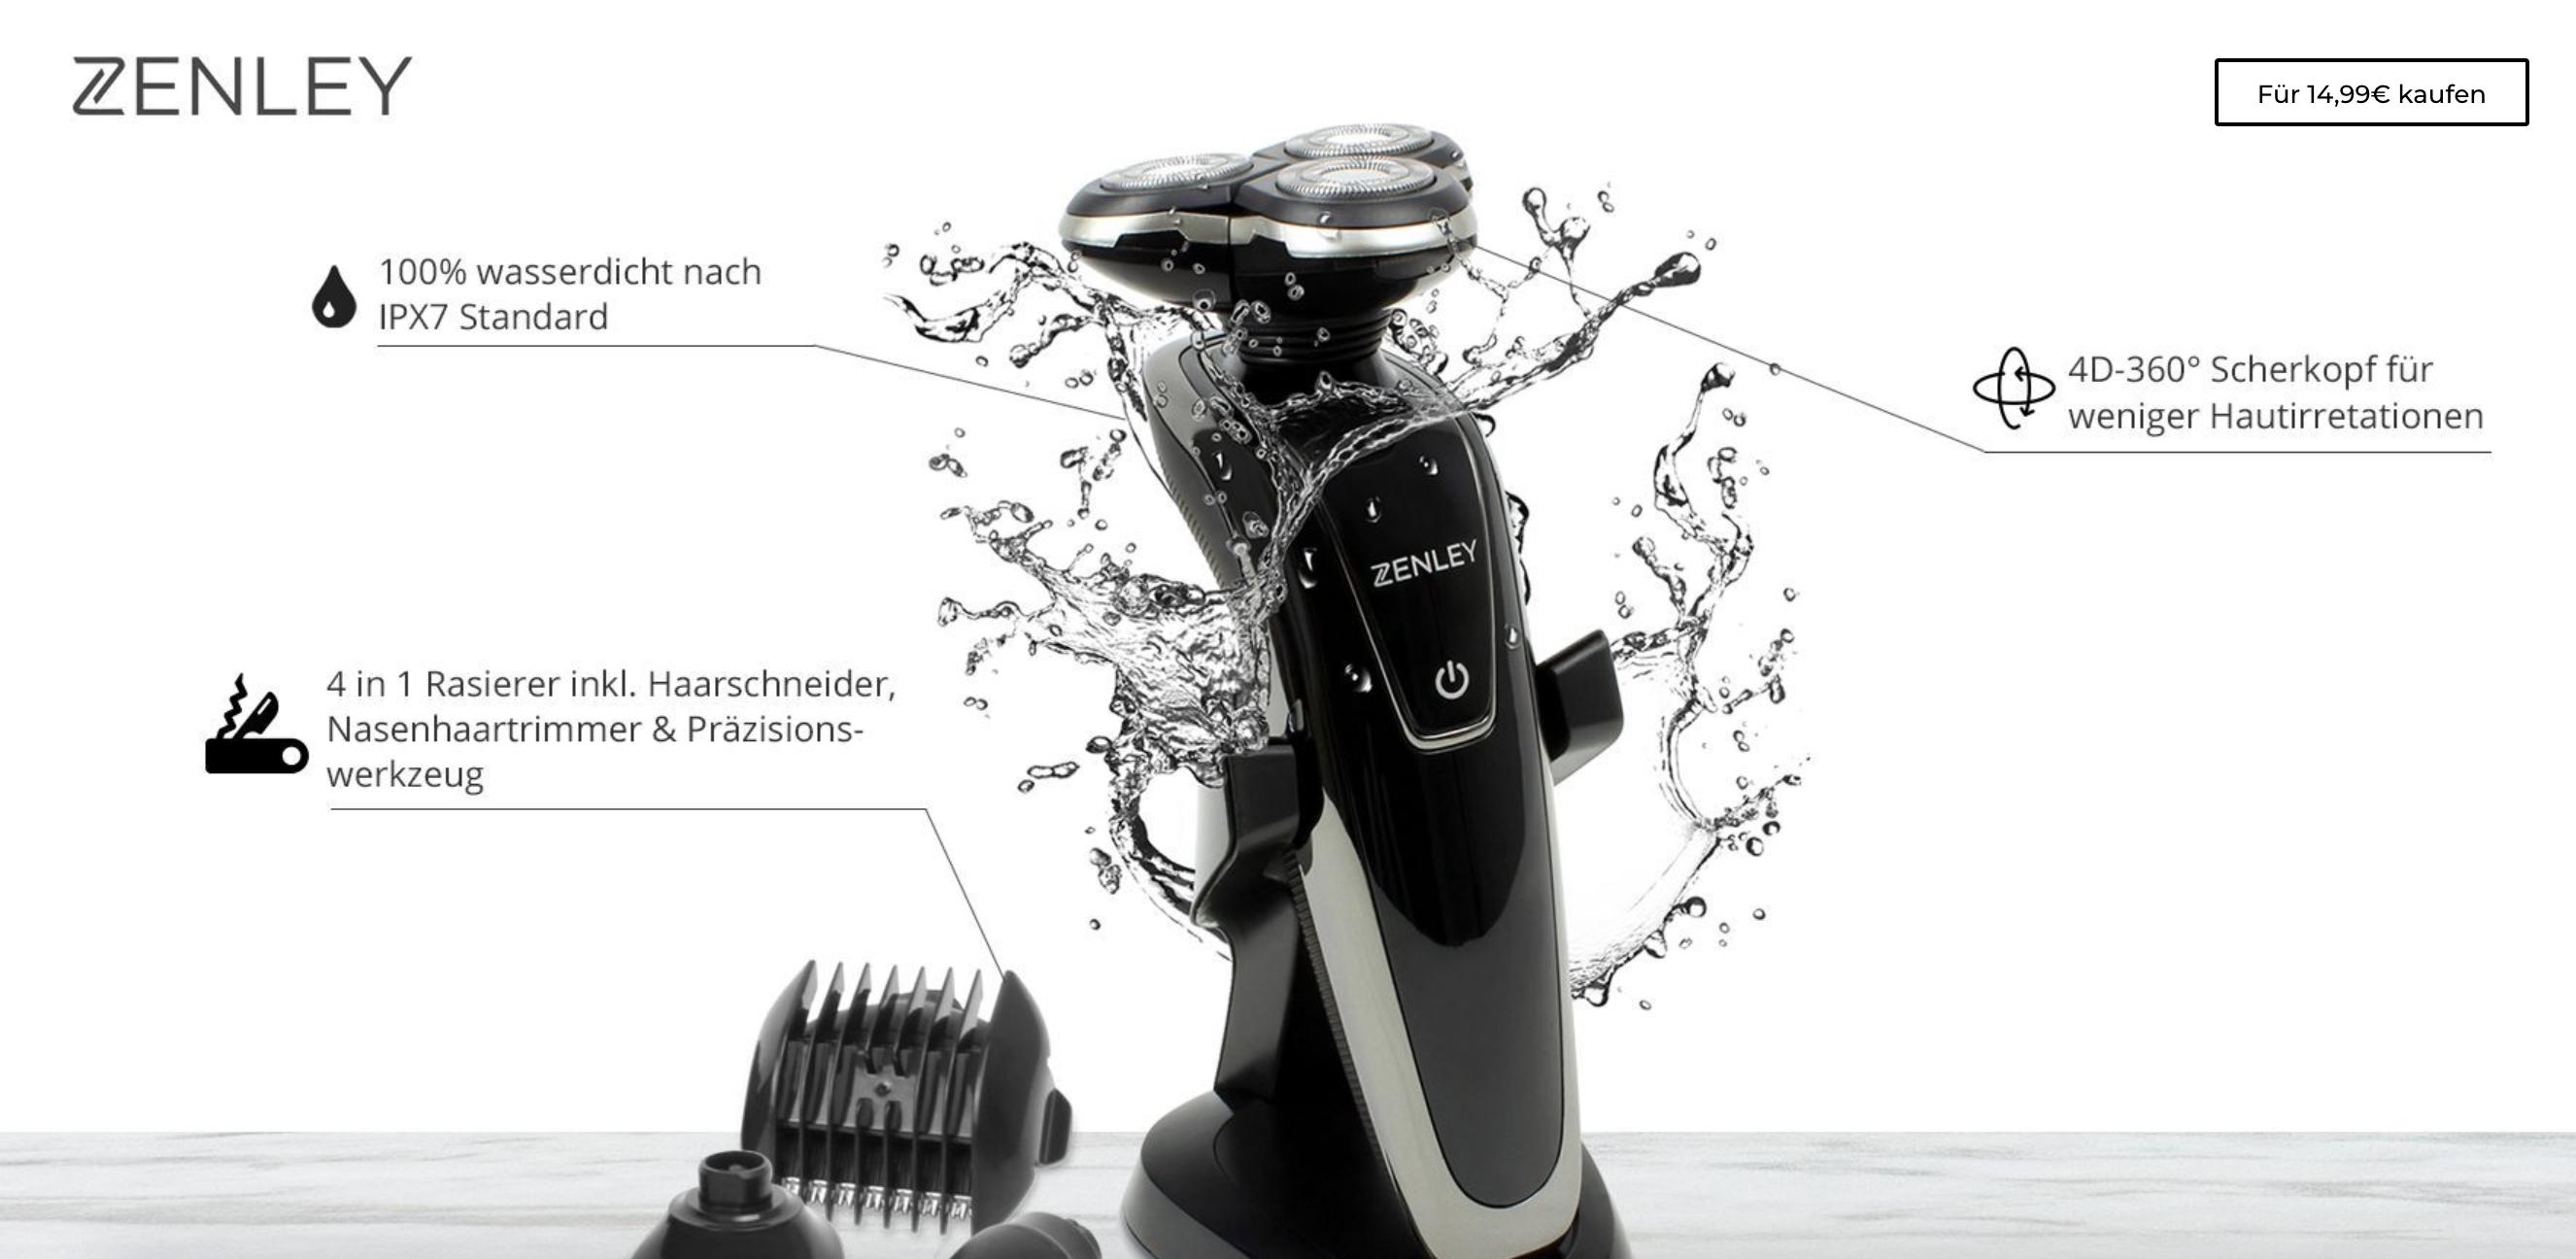 Zenley 4-in-1 Elektrischer Rasierer, wasserdicht / Sonderverkauf